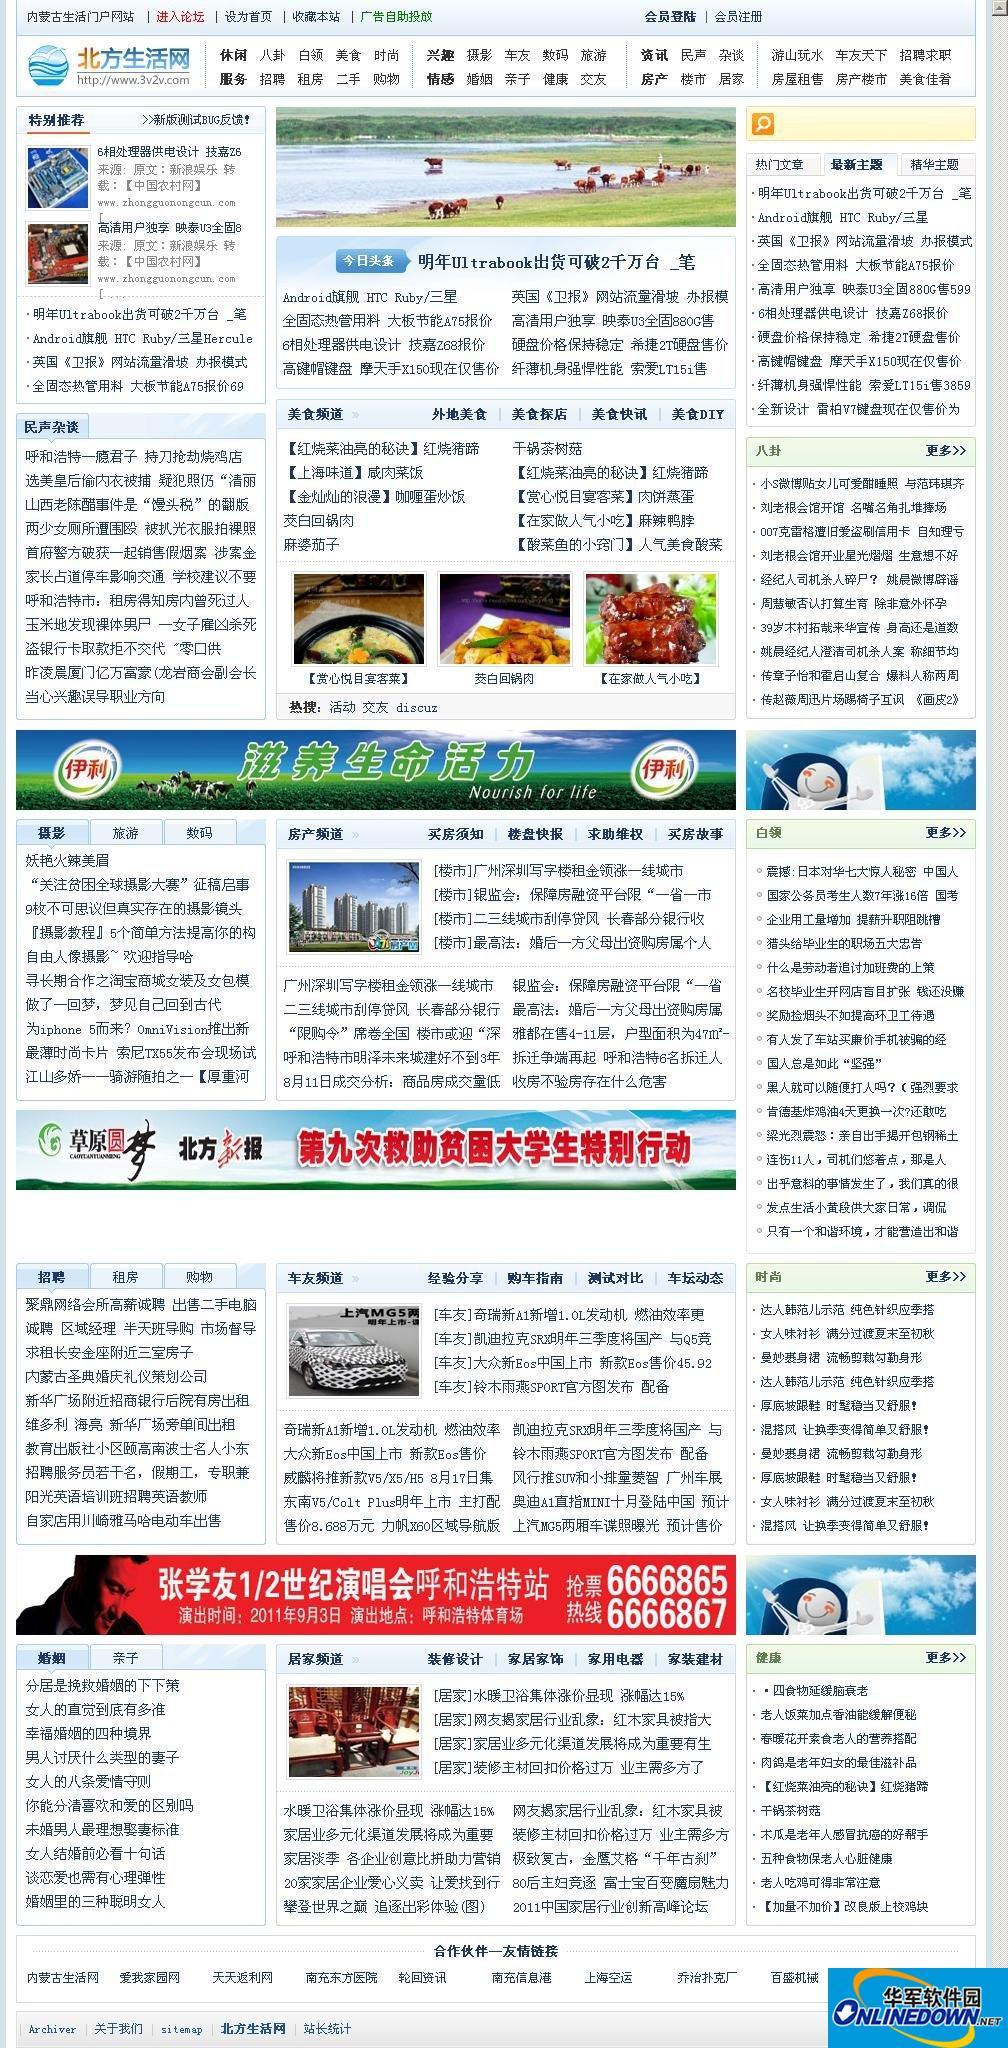 内蒙古生活网整站源码 内核discuz!x2.0 PC版